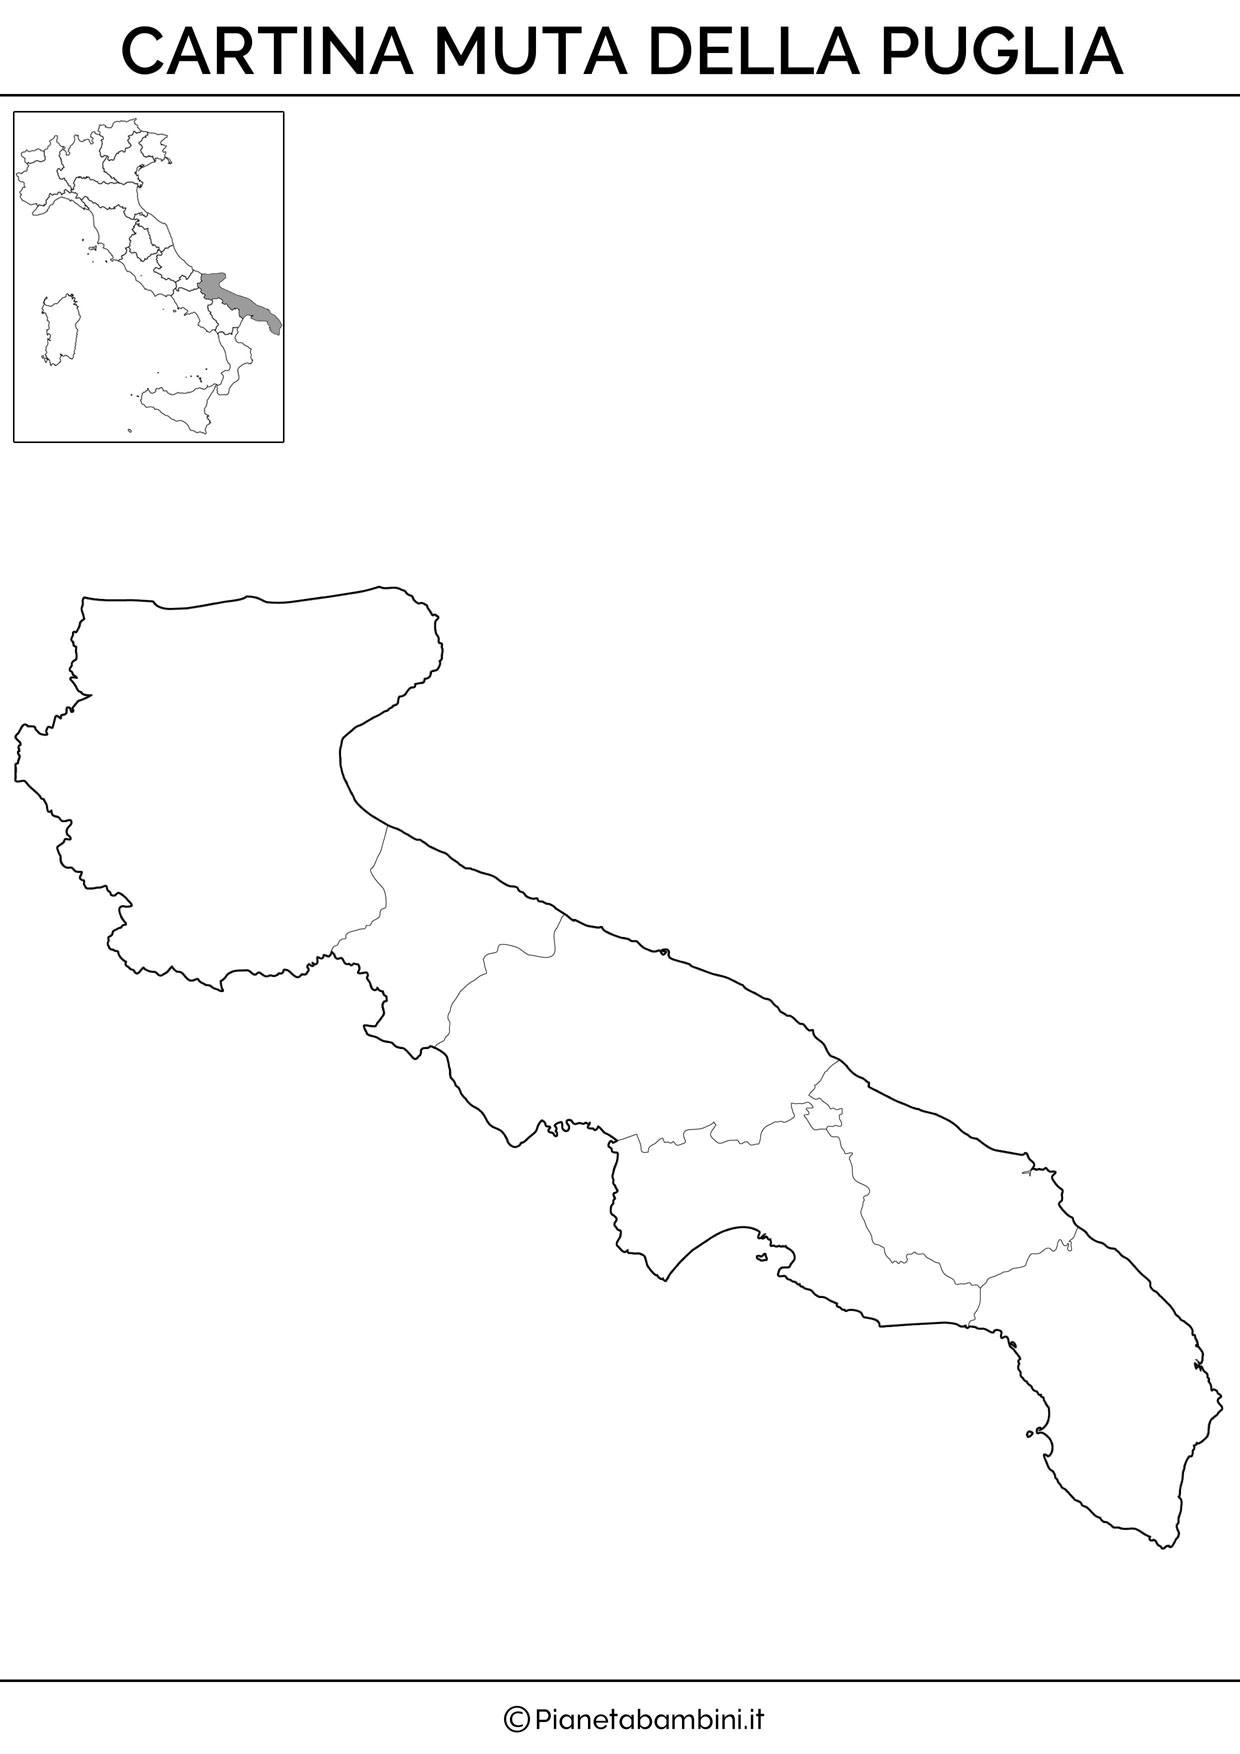 Cartina muta fisica e politica della puglia da stampare - Mappa dell inghilterra per i bambini ...